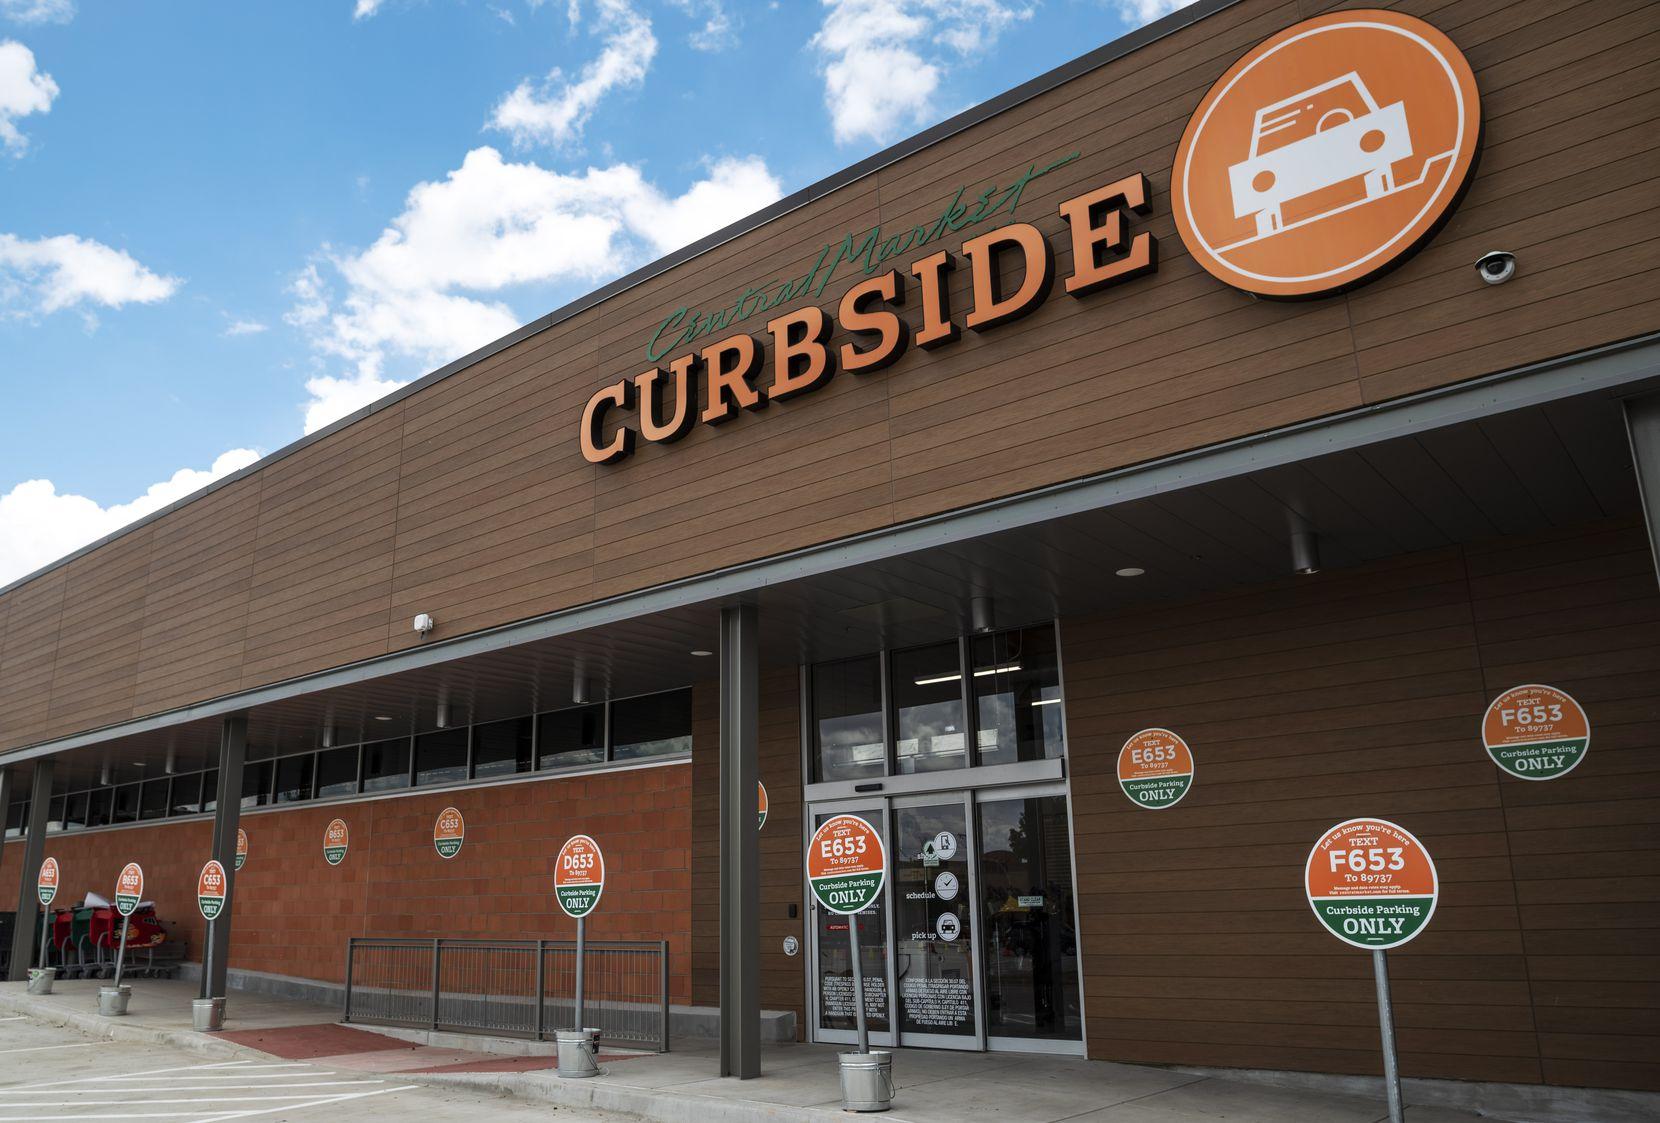 Central Market en Preston Road y Royal ahora cuenta con curbside pickup, la opción para retirar las compras afuera del supermercado.